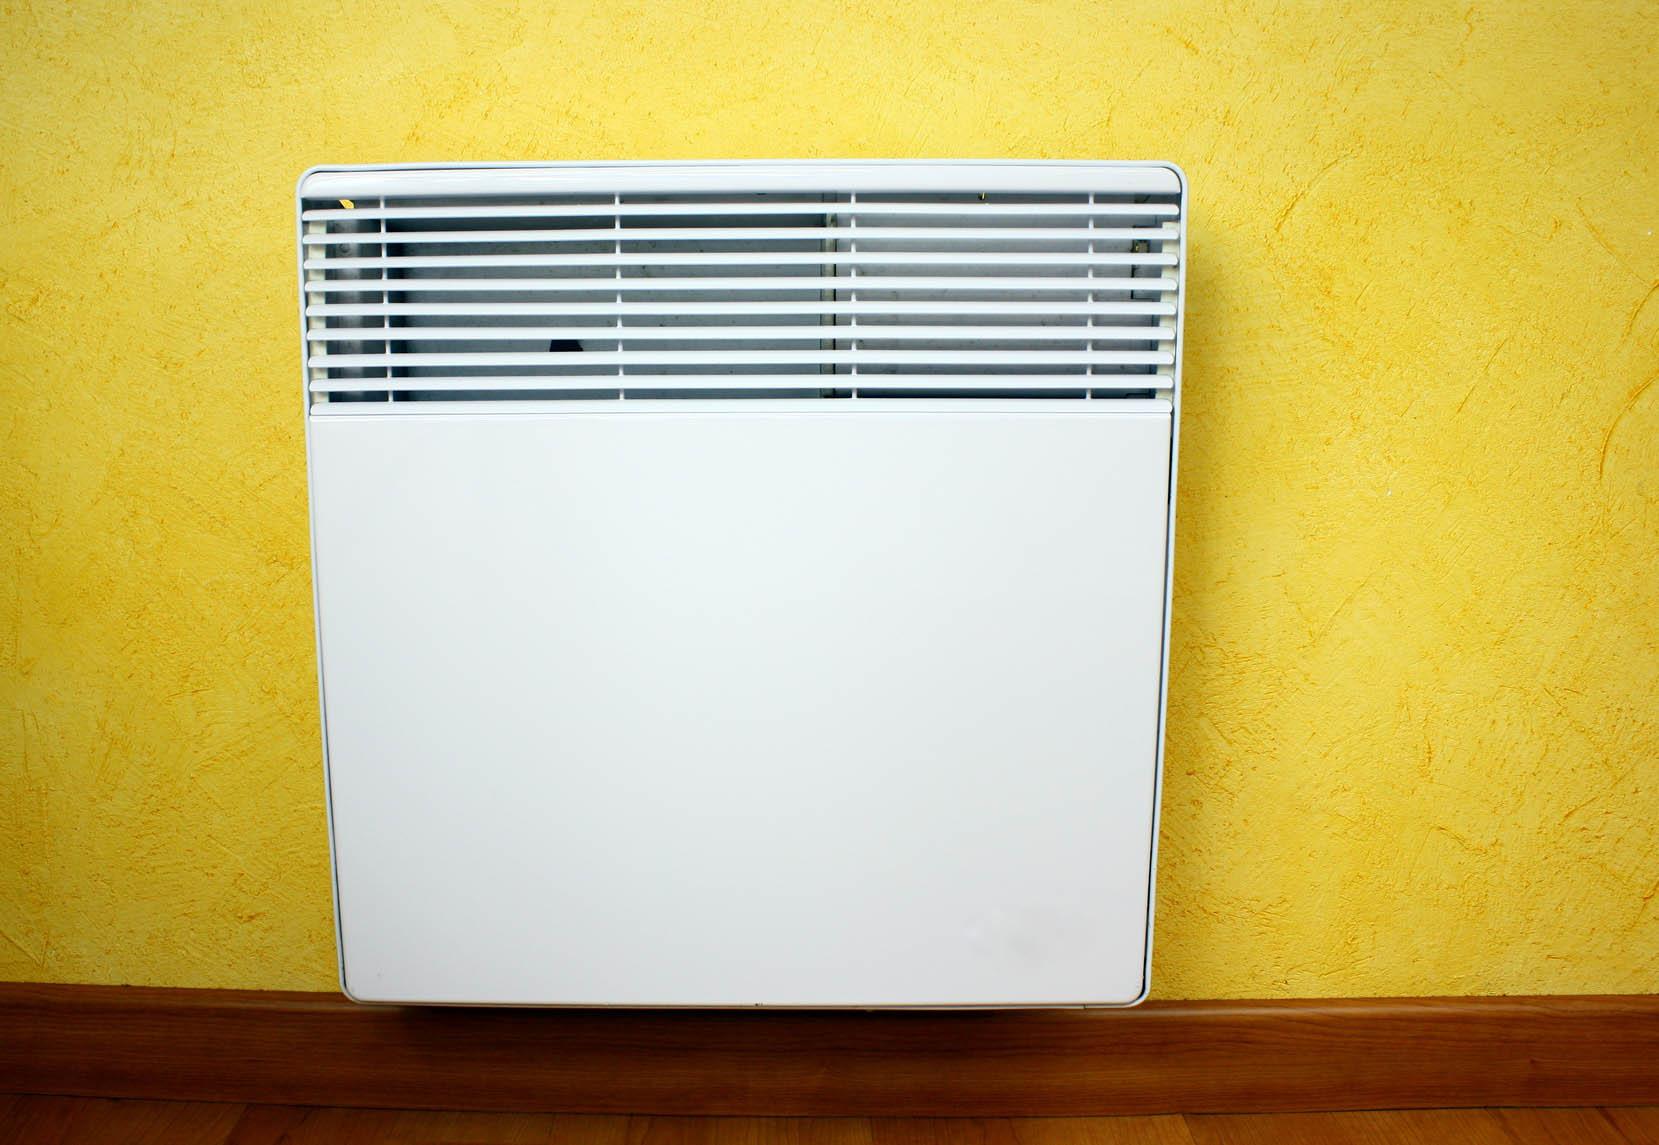 danelec 82 installateur chauffage lectrique chaleur douce pac r versible chauffage connect. Black Bedroom Furniture Sets. Home Design Ideas